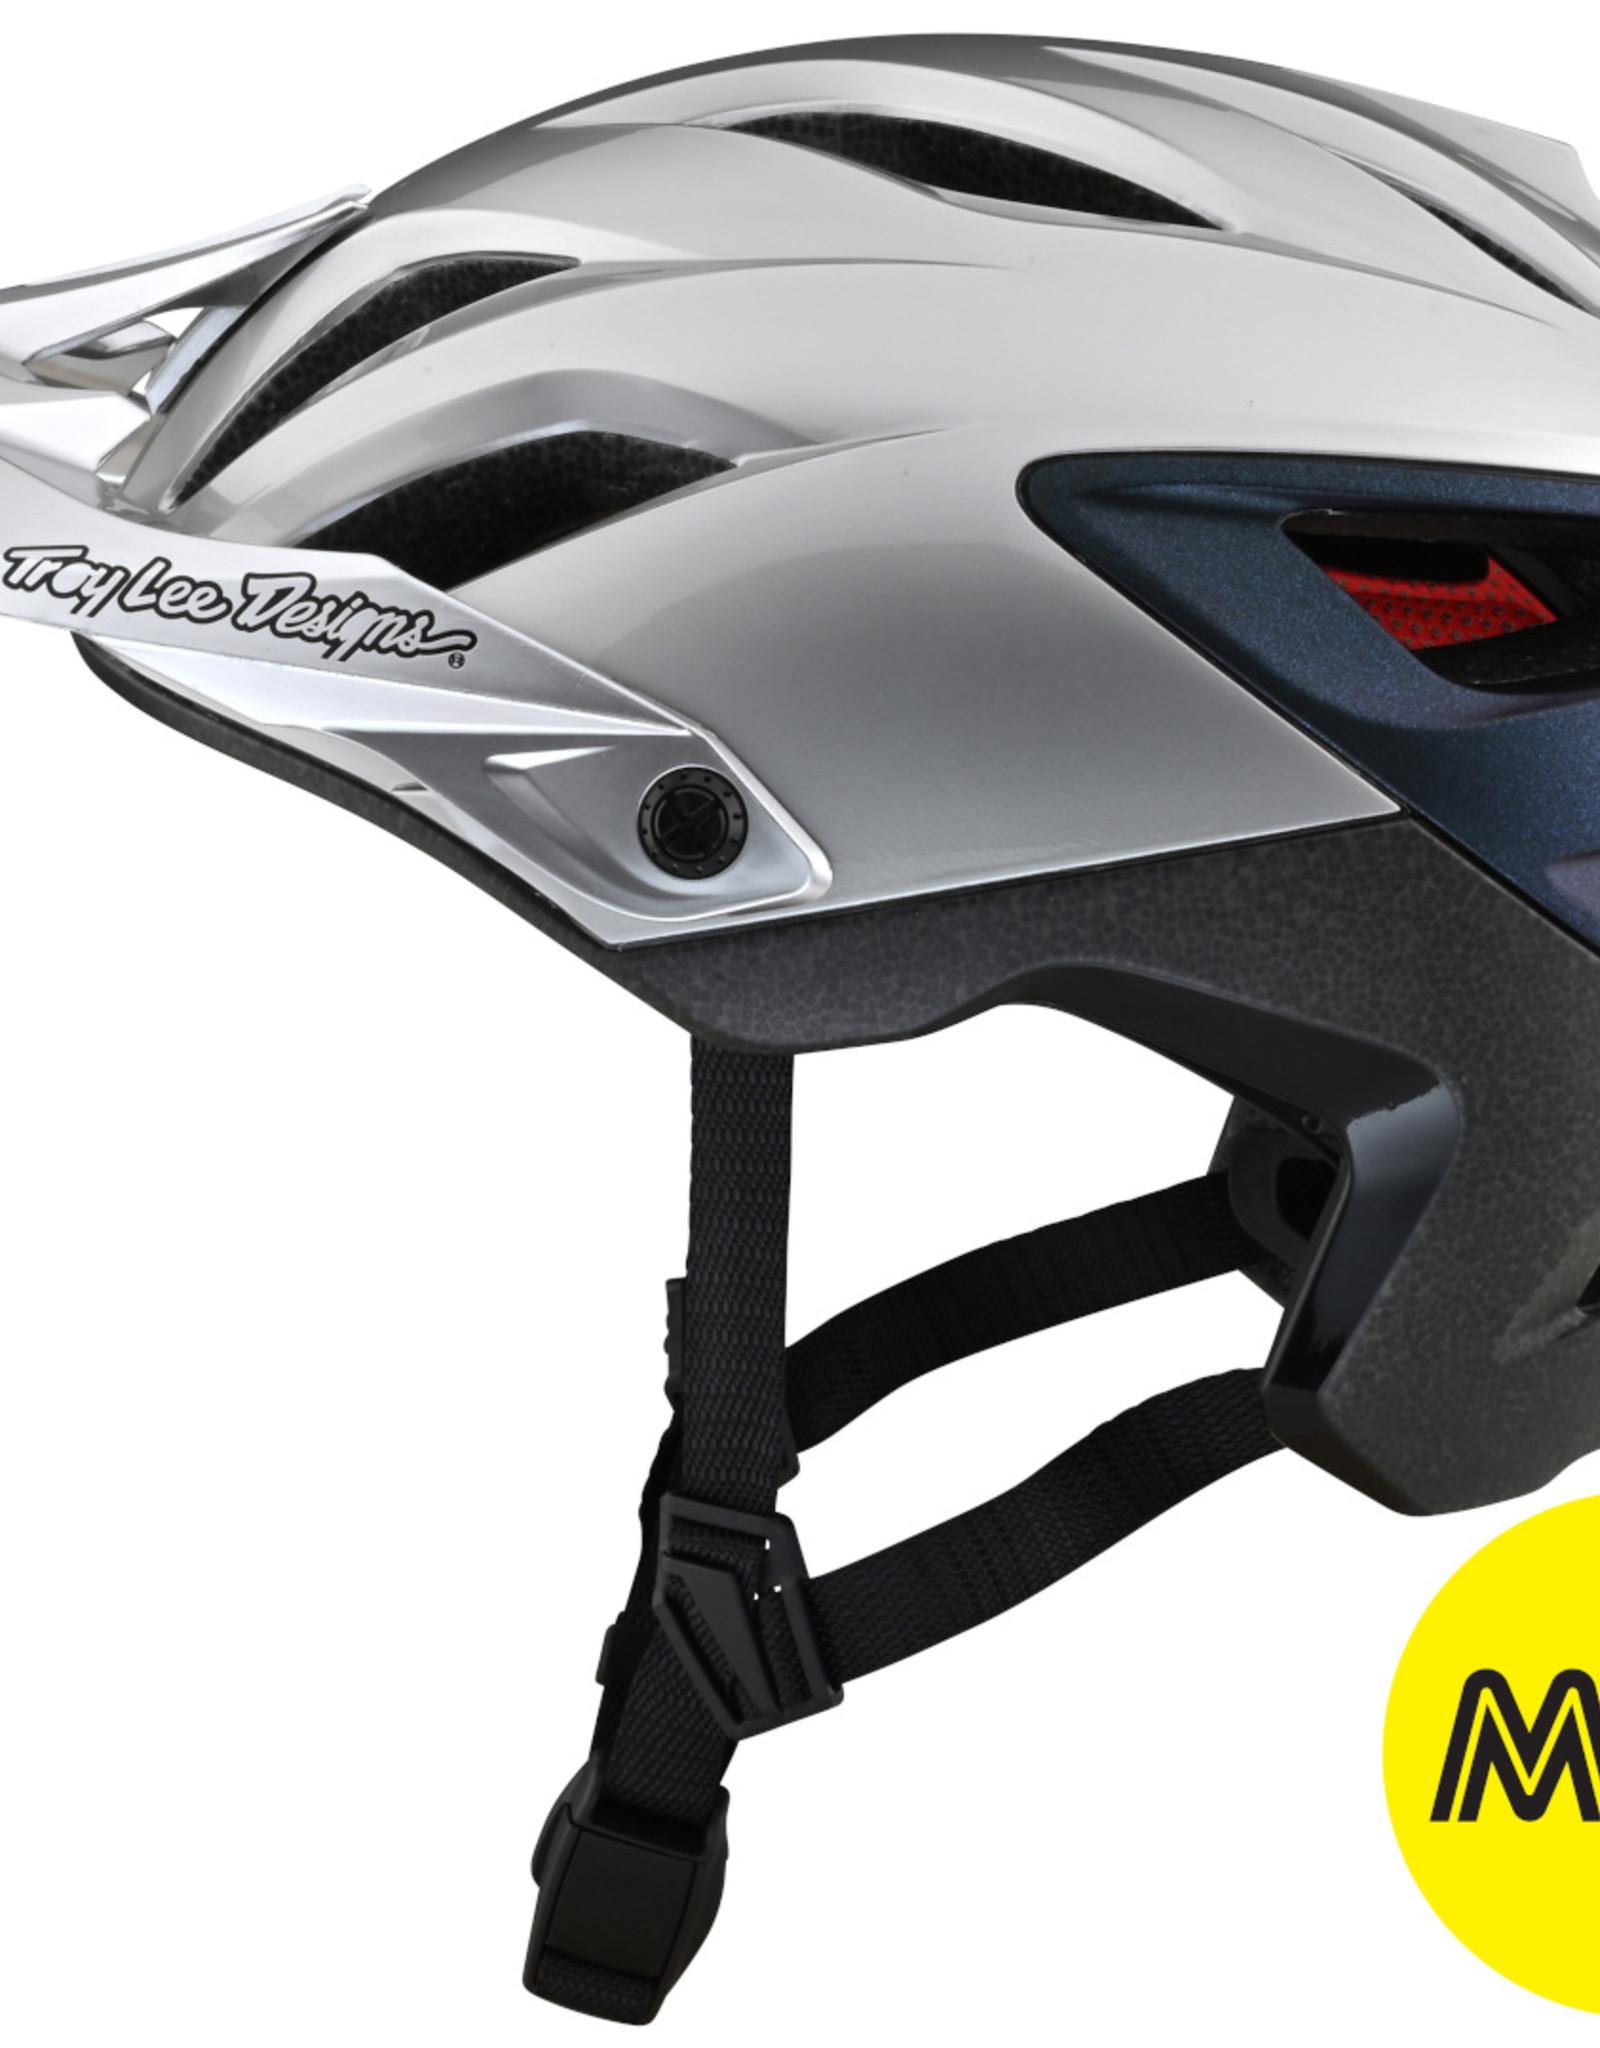 Troy Lee Designs A3 MIPS Helmet